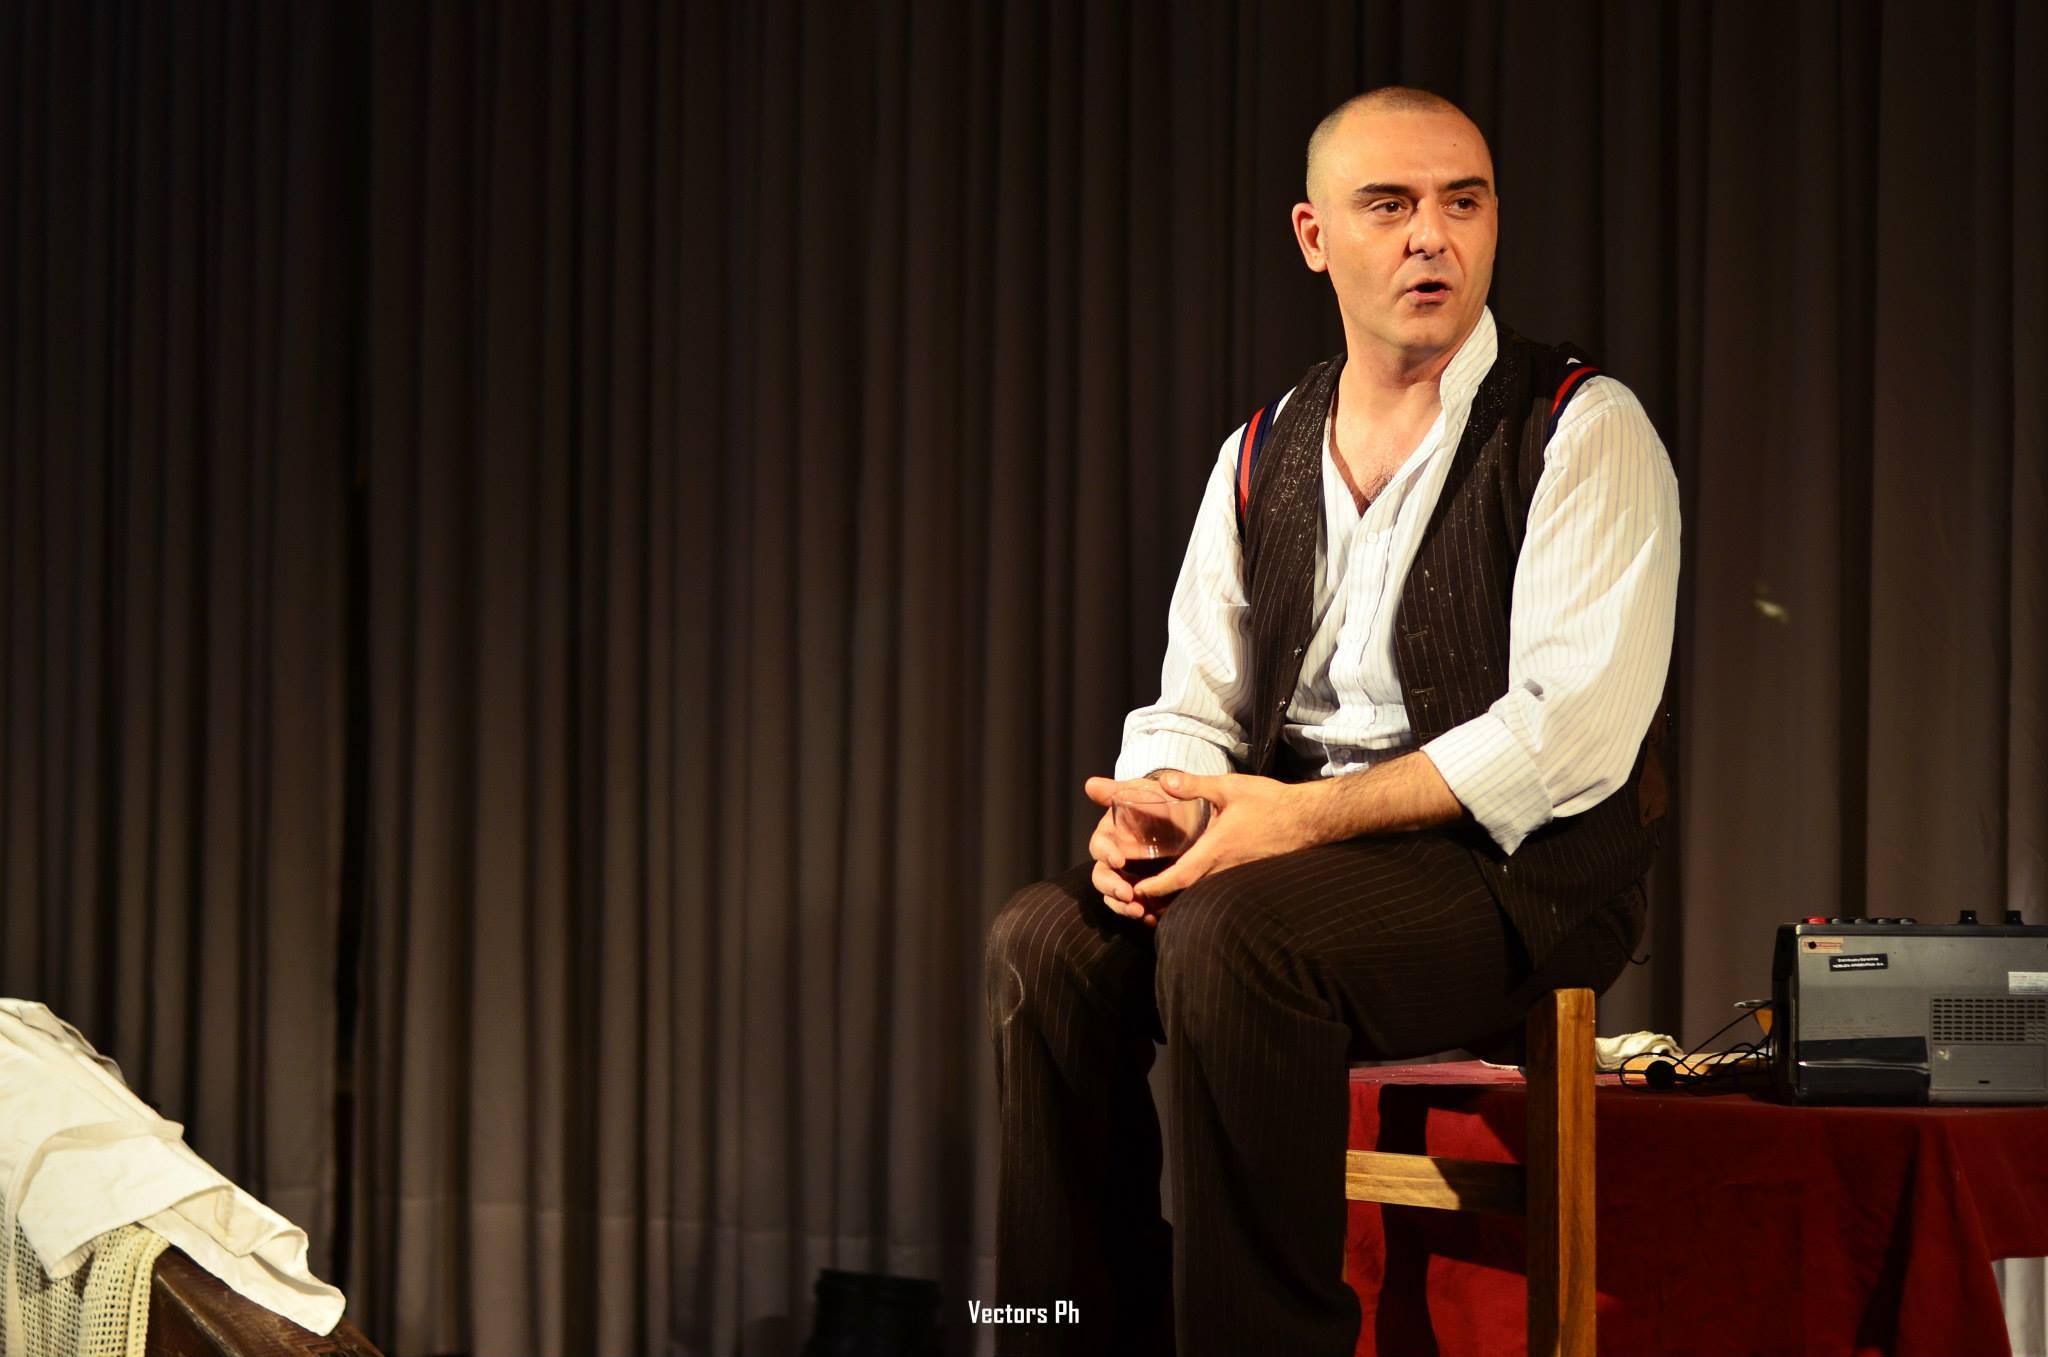 Cinema Italiano - Giampaolo Samá nació en Calabria, Italia, y desde 2007 reside en Buenos Aires